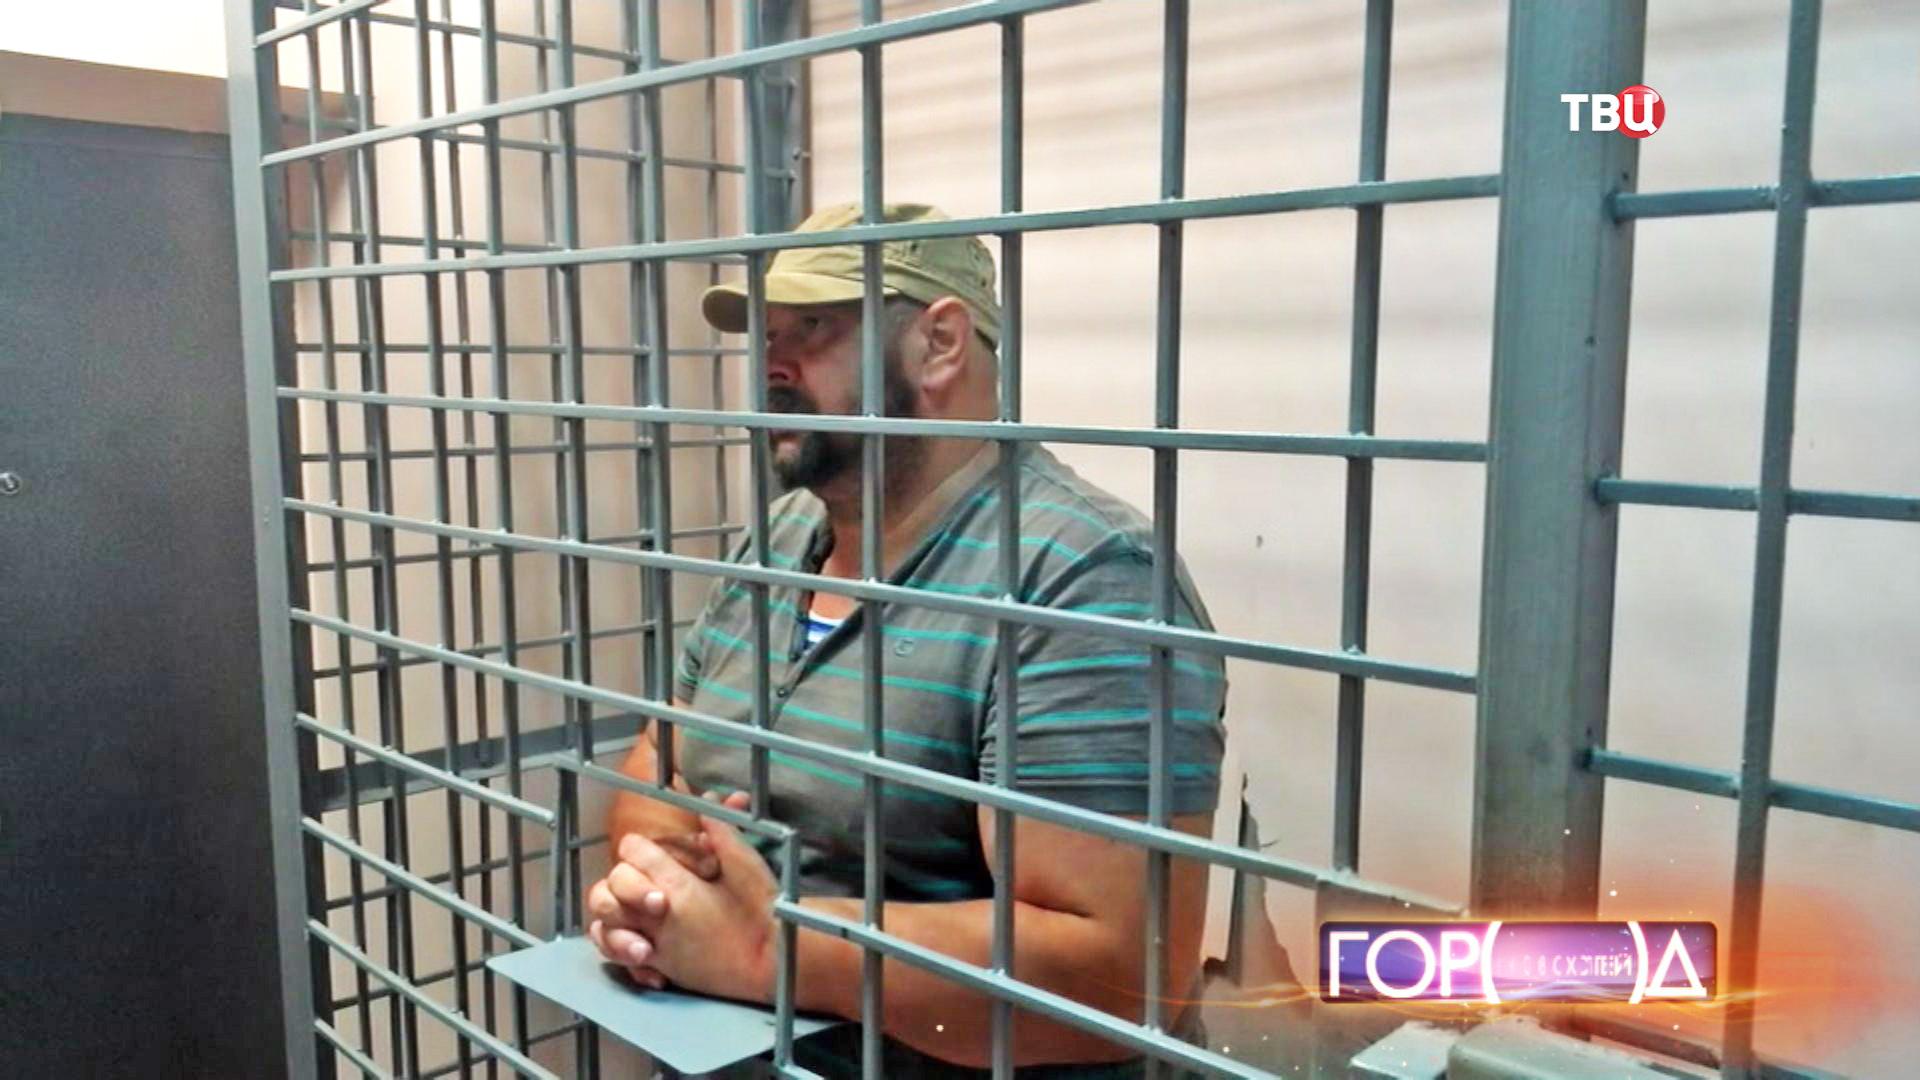 """Александр Матусов """"Басмач"""", обвиняемый в причастности к деятельности """"щелковской"""" преступной группировки"""